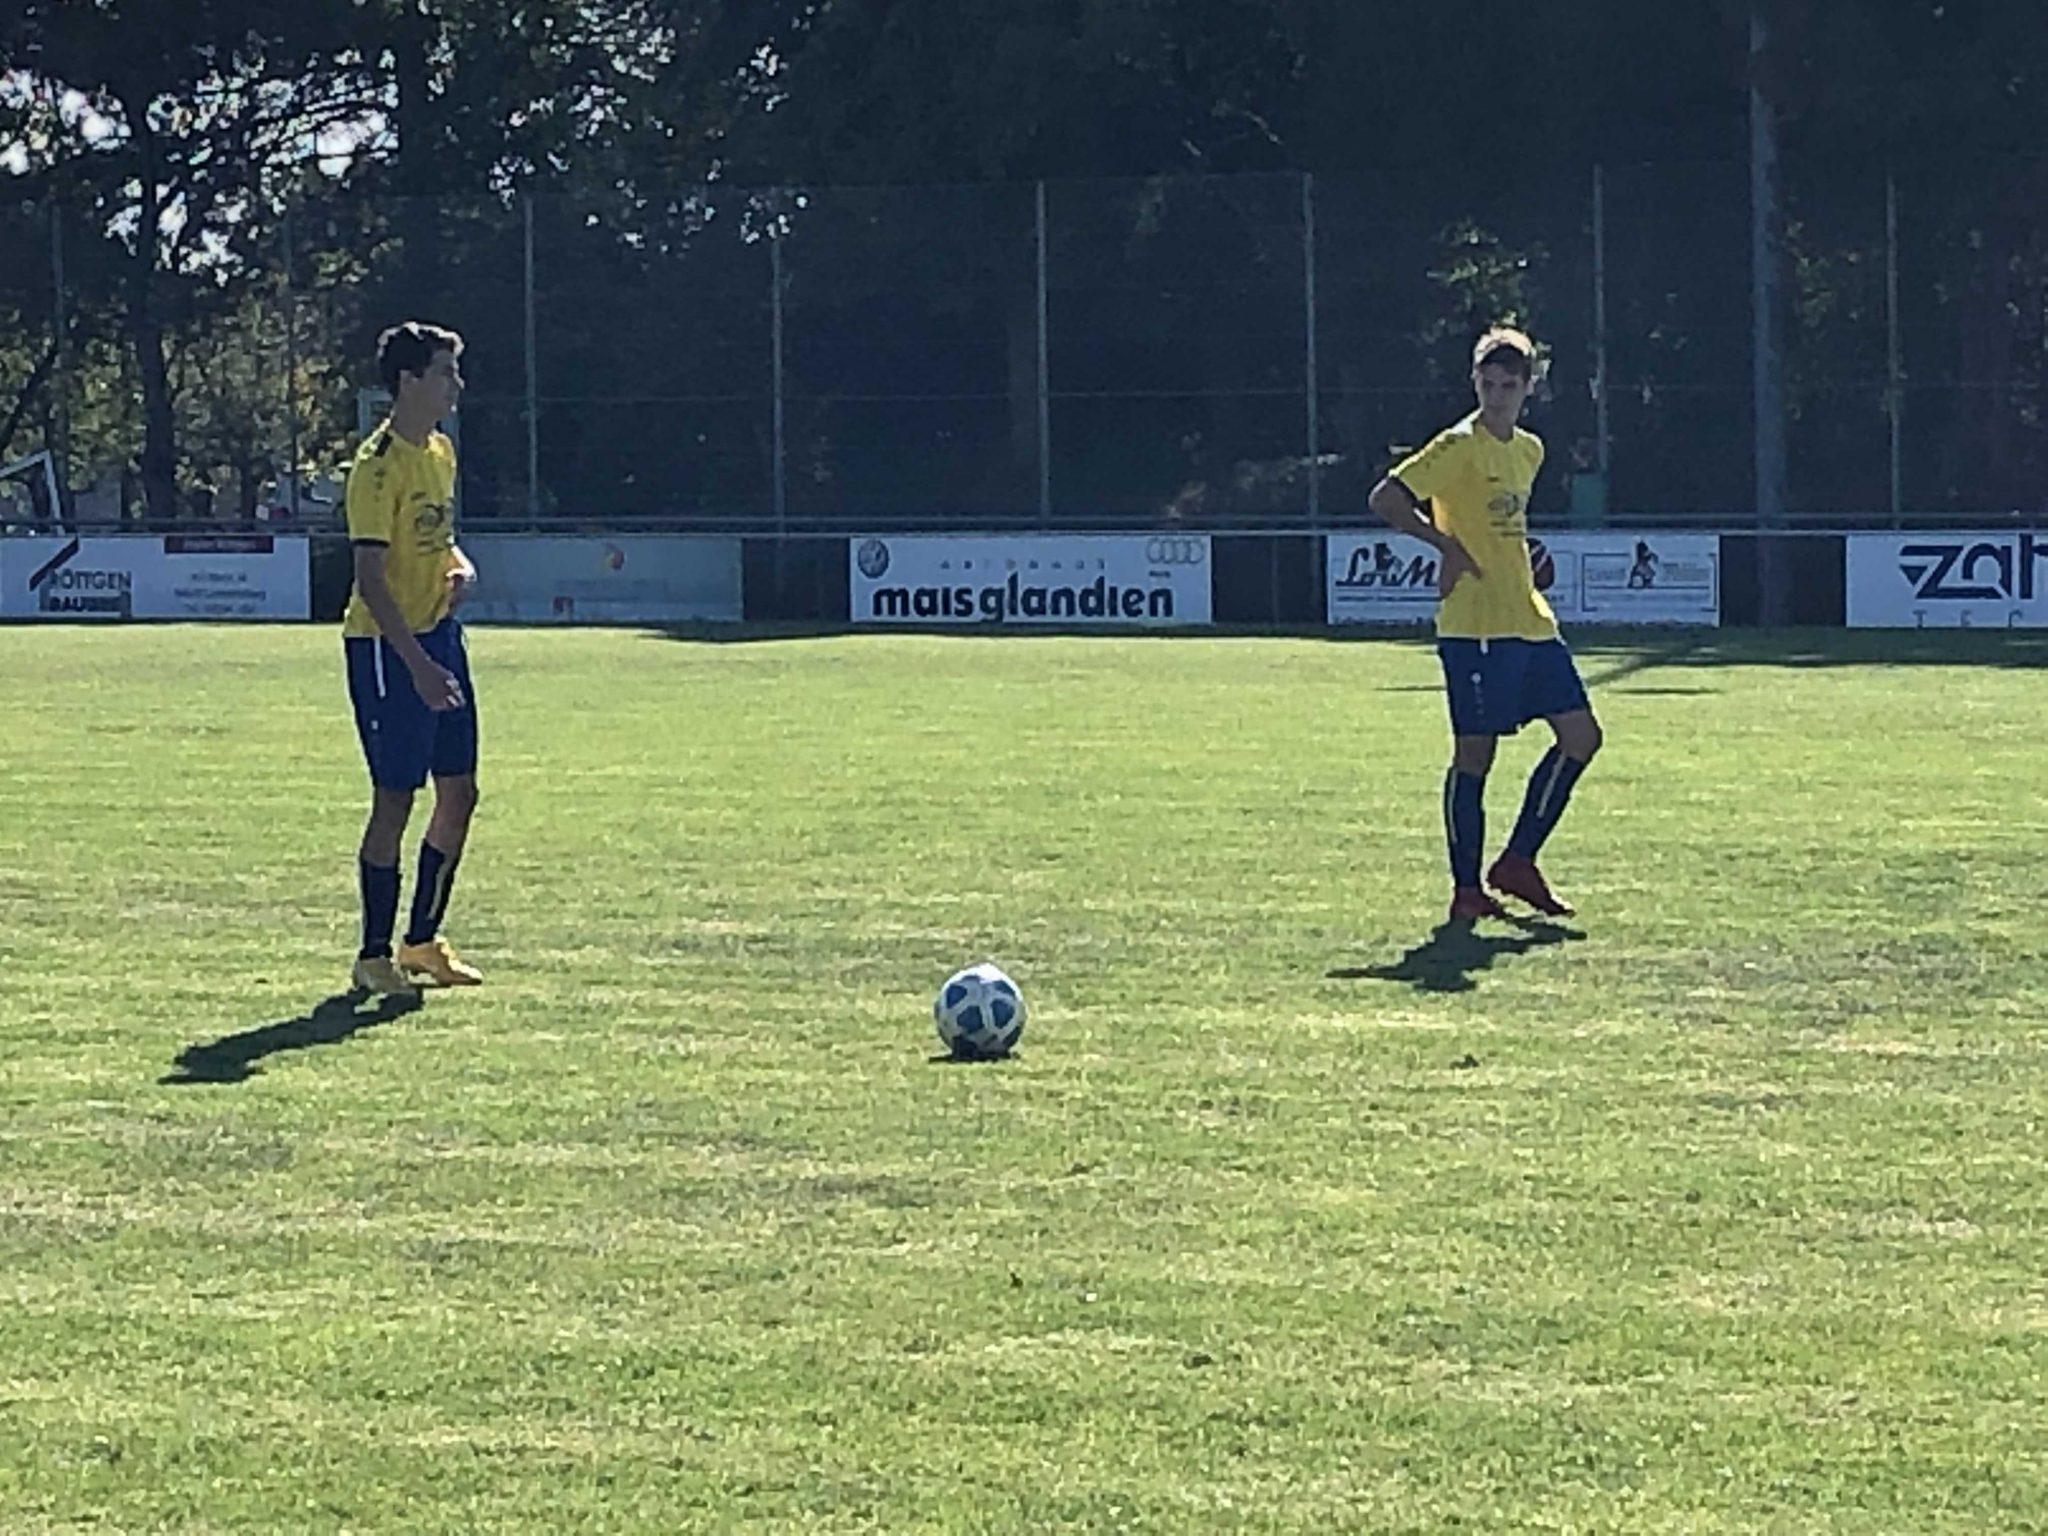 A-Jugend: Entscheidungsspiel um den Aufstieg in die Bezirksliga